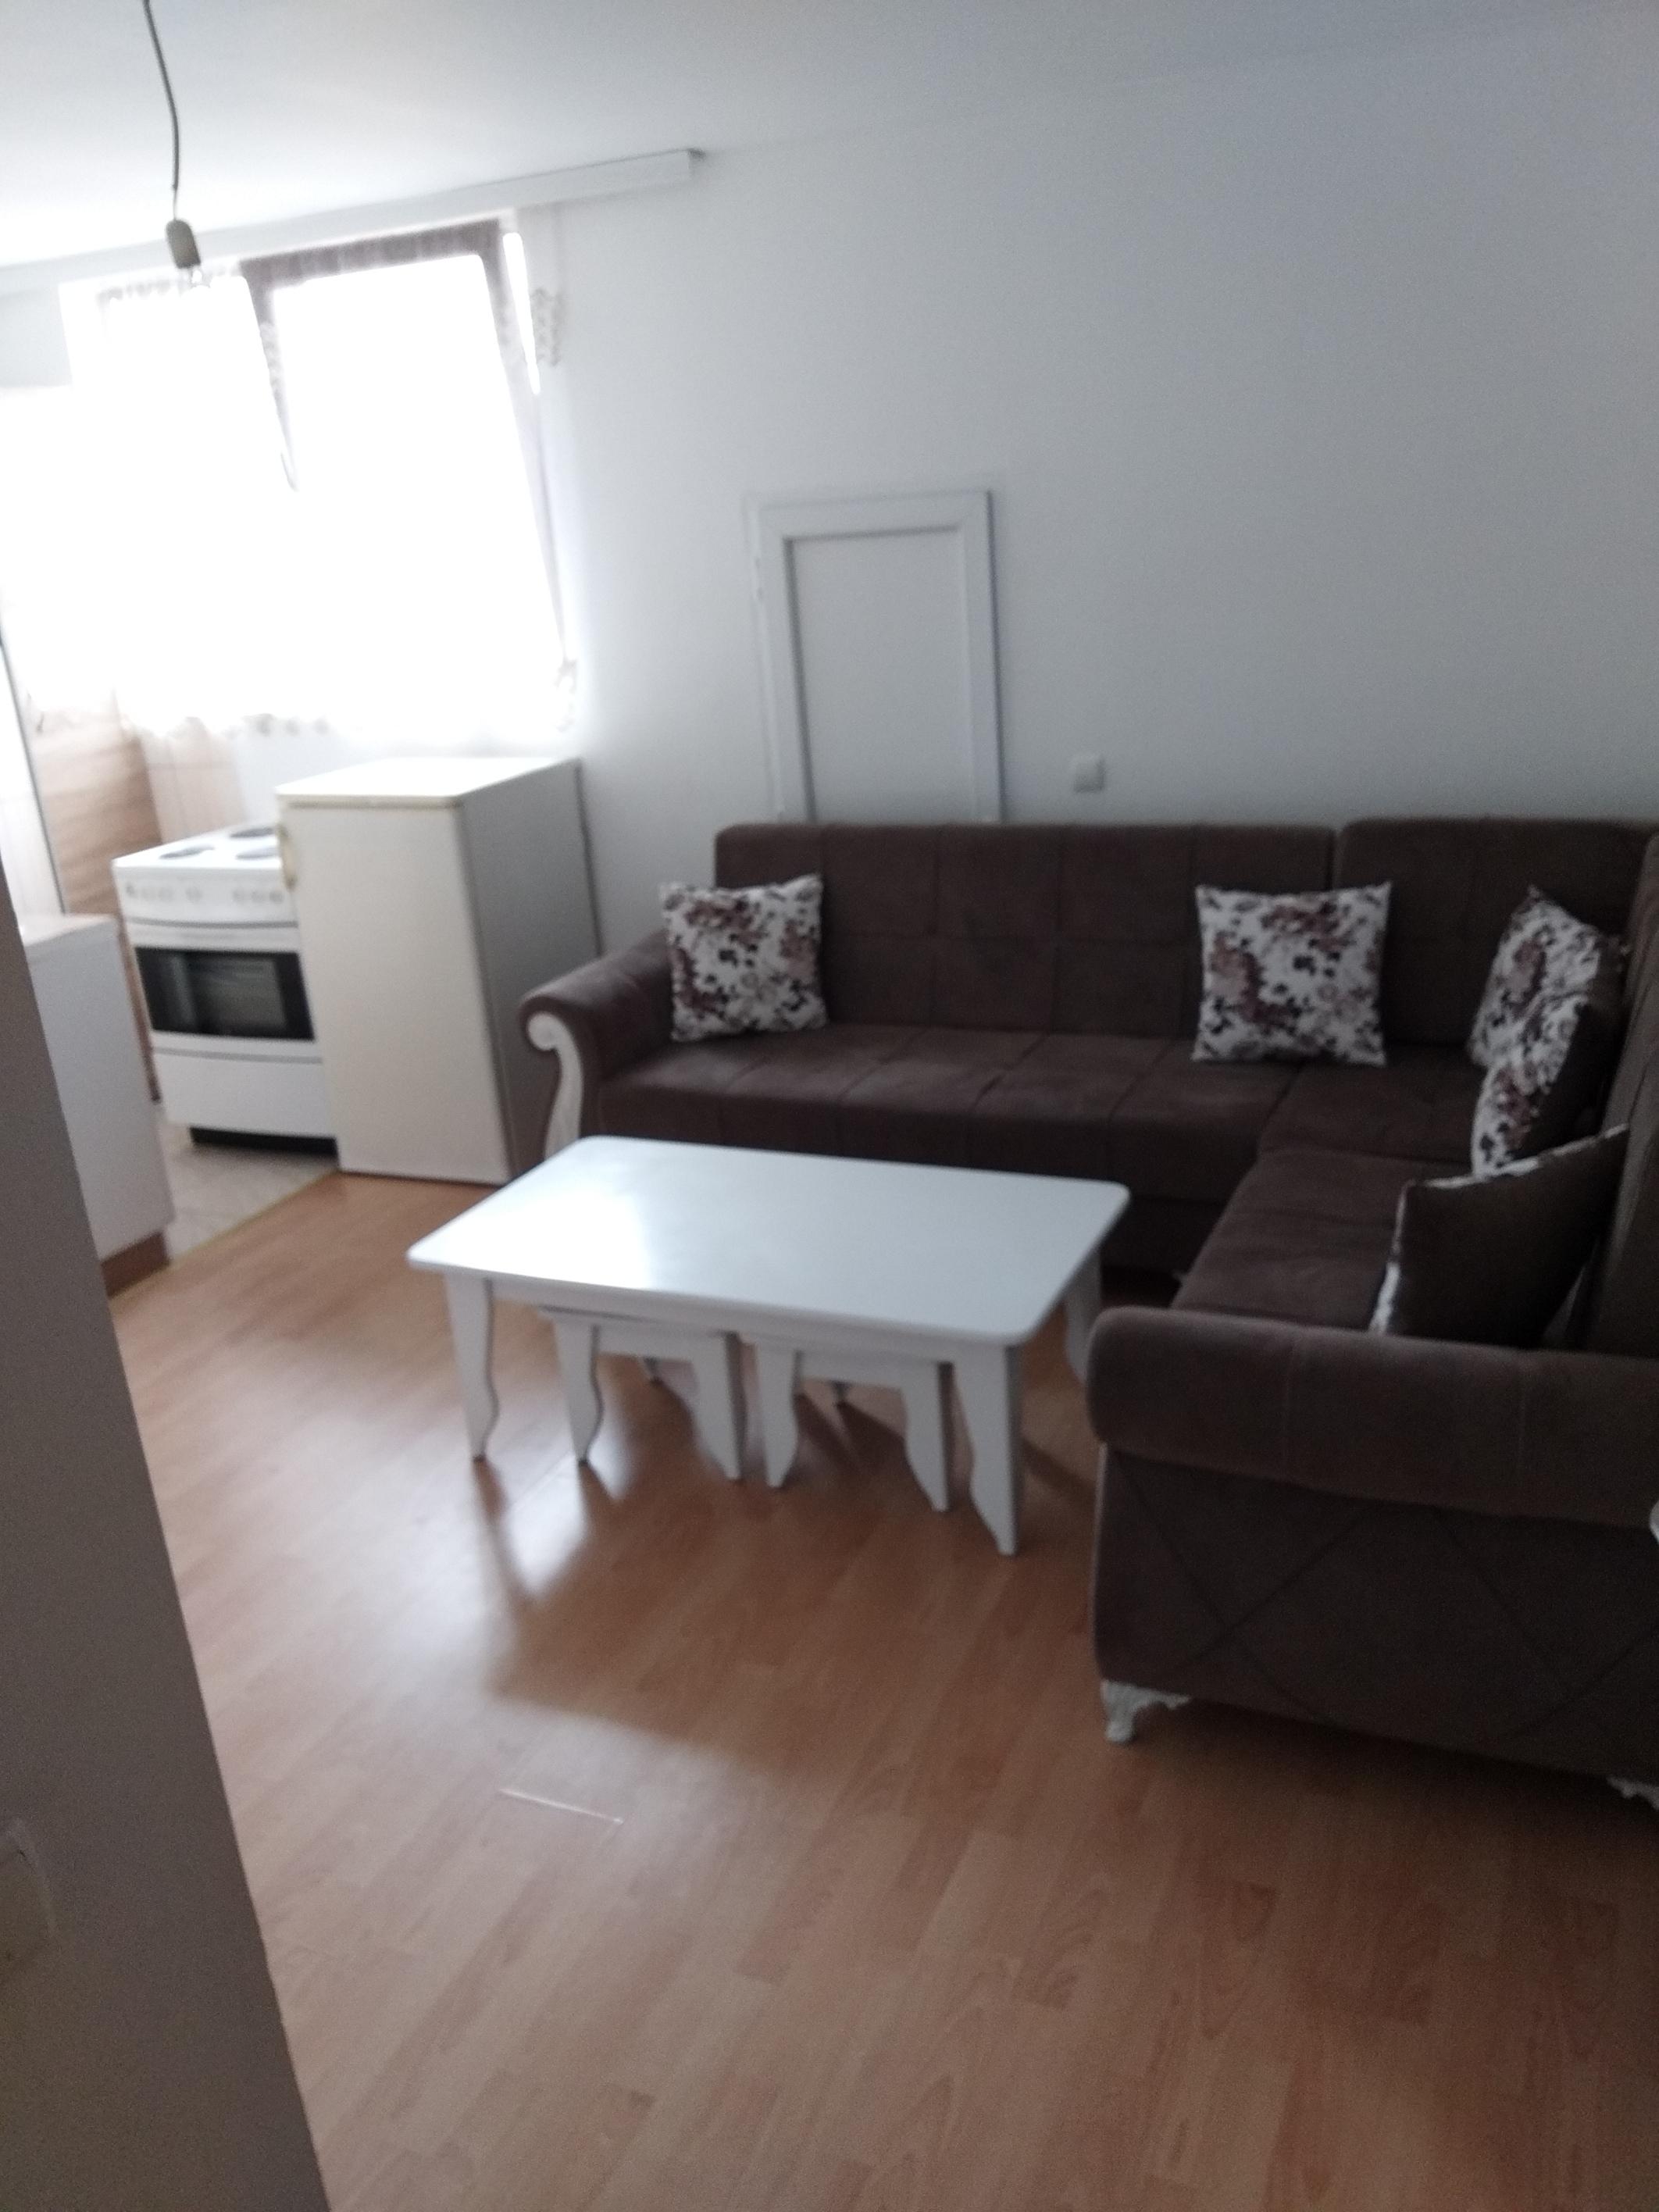 Ipet me qira banesa 2 dhomshe 50m2 kati 7 Fushë Kosovë